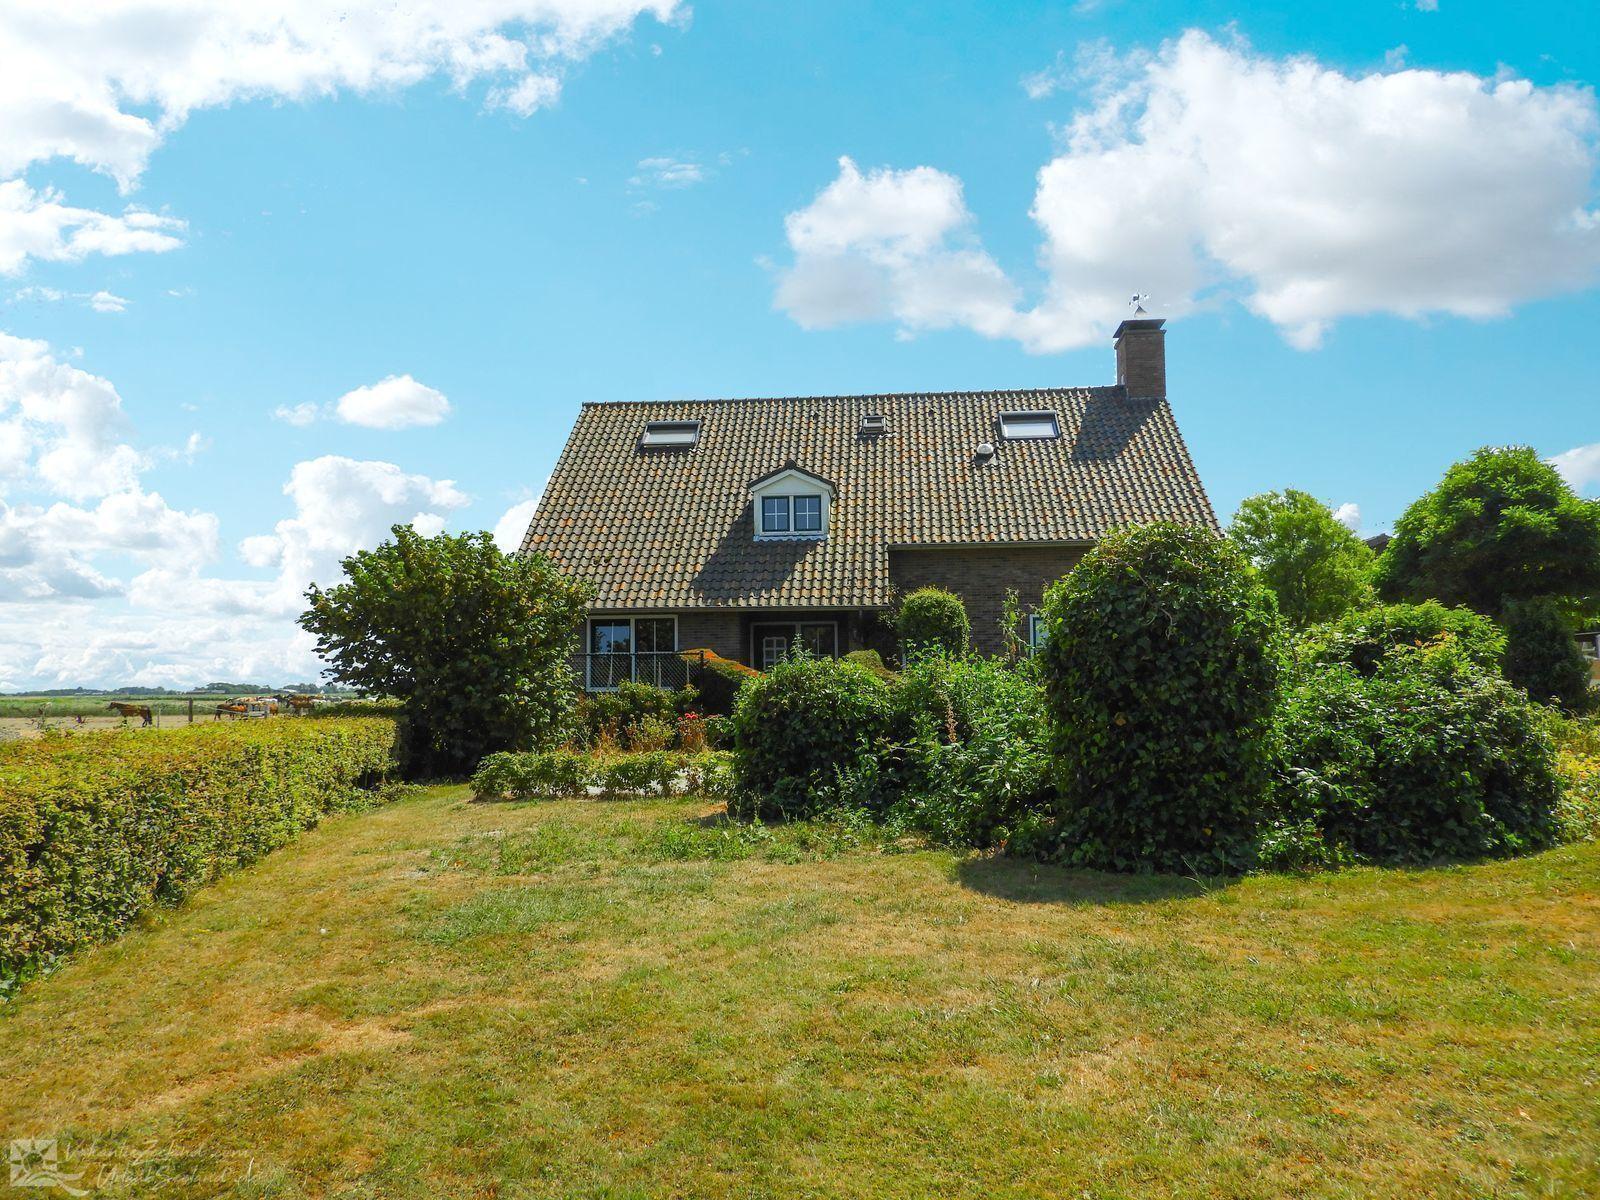 VZ721 Ferienappartement in Aagtekerke